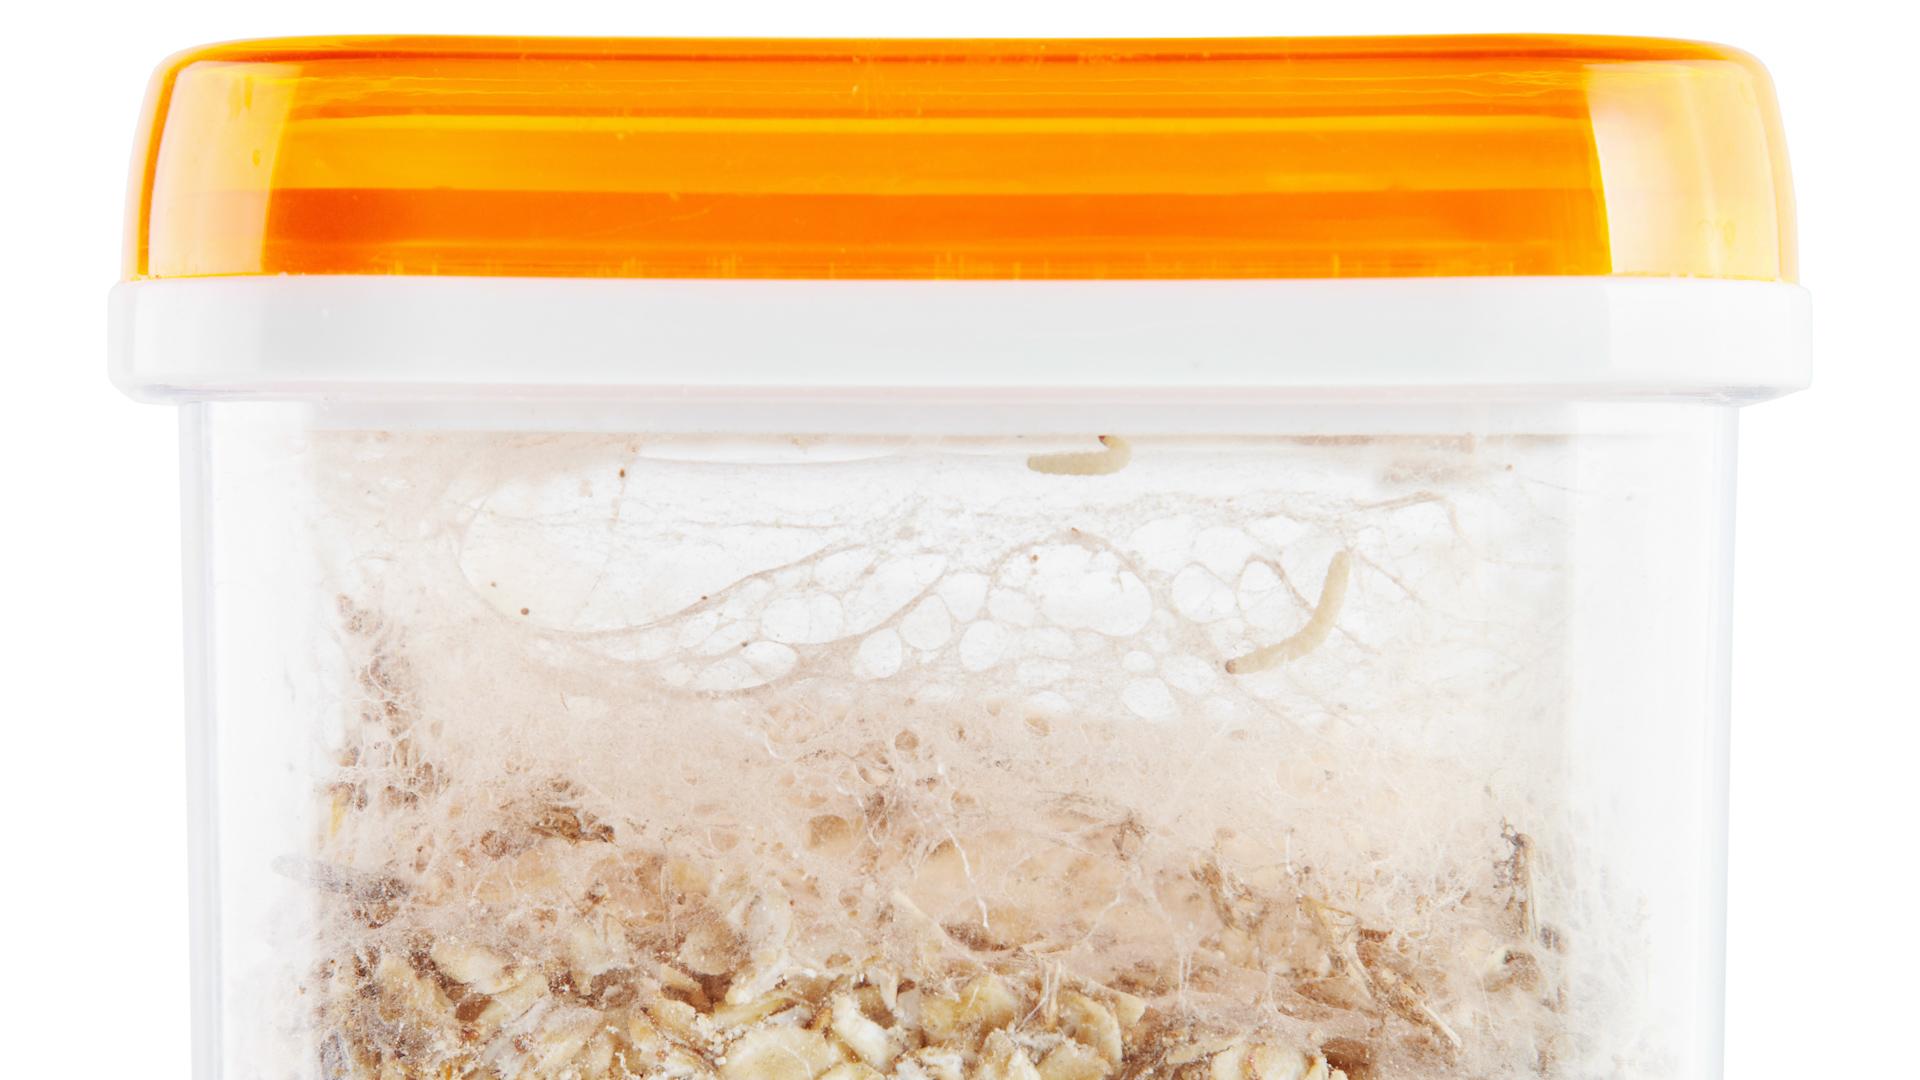 Jak się pozbyć moli spożywczych?